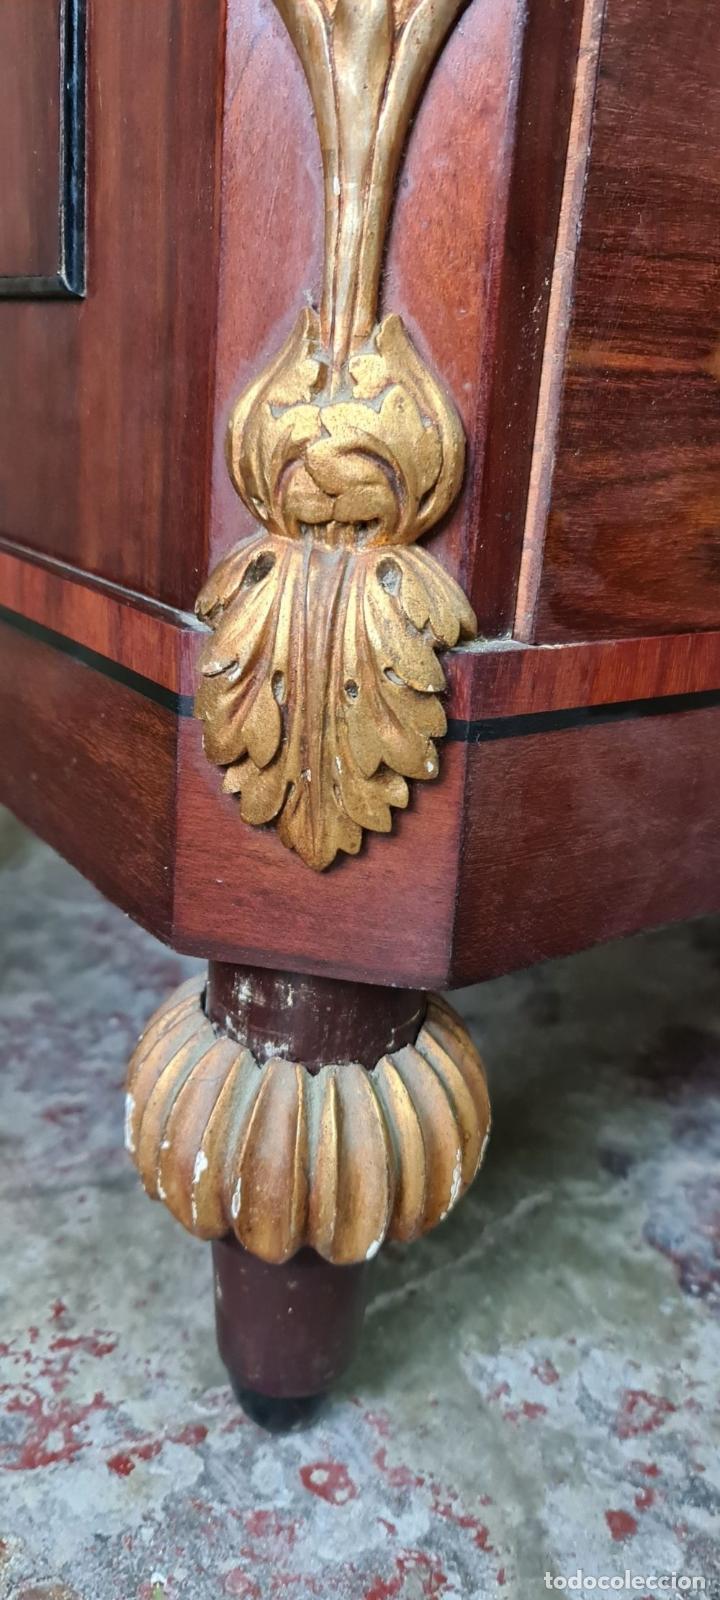 Antigüedades: COMODA TOCADOR. MADERA DE CAOBA Y DORADOS. ESTILO DIRECTORIO. SOBRE DE MÁRMOL. SIGLO XVIII-XIX. - Foto 33 - 238726050